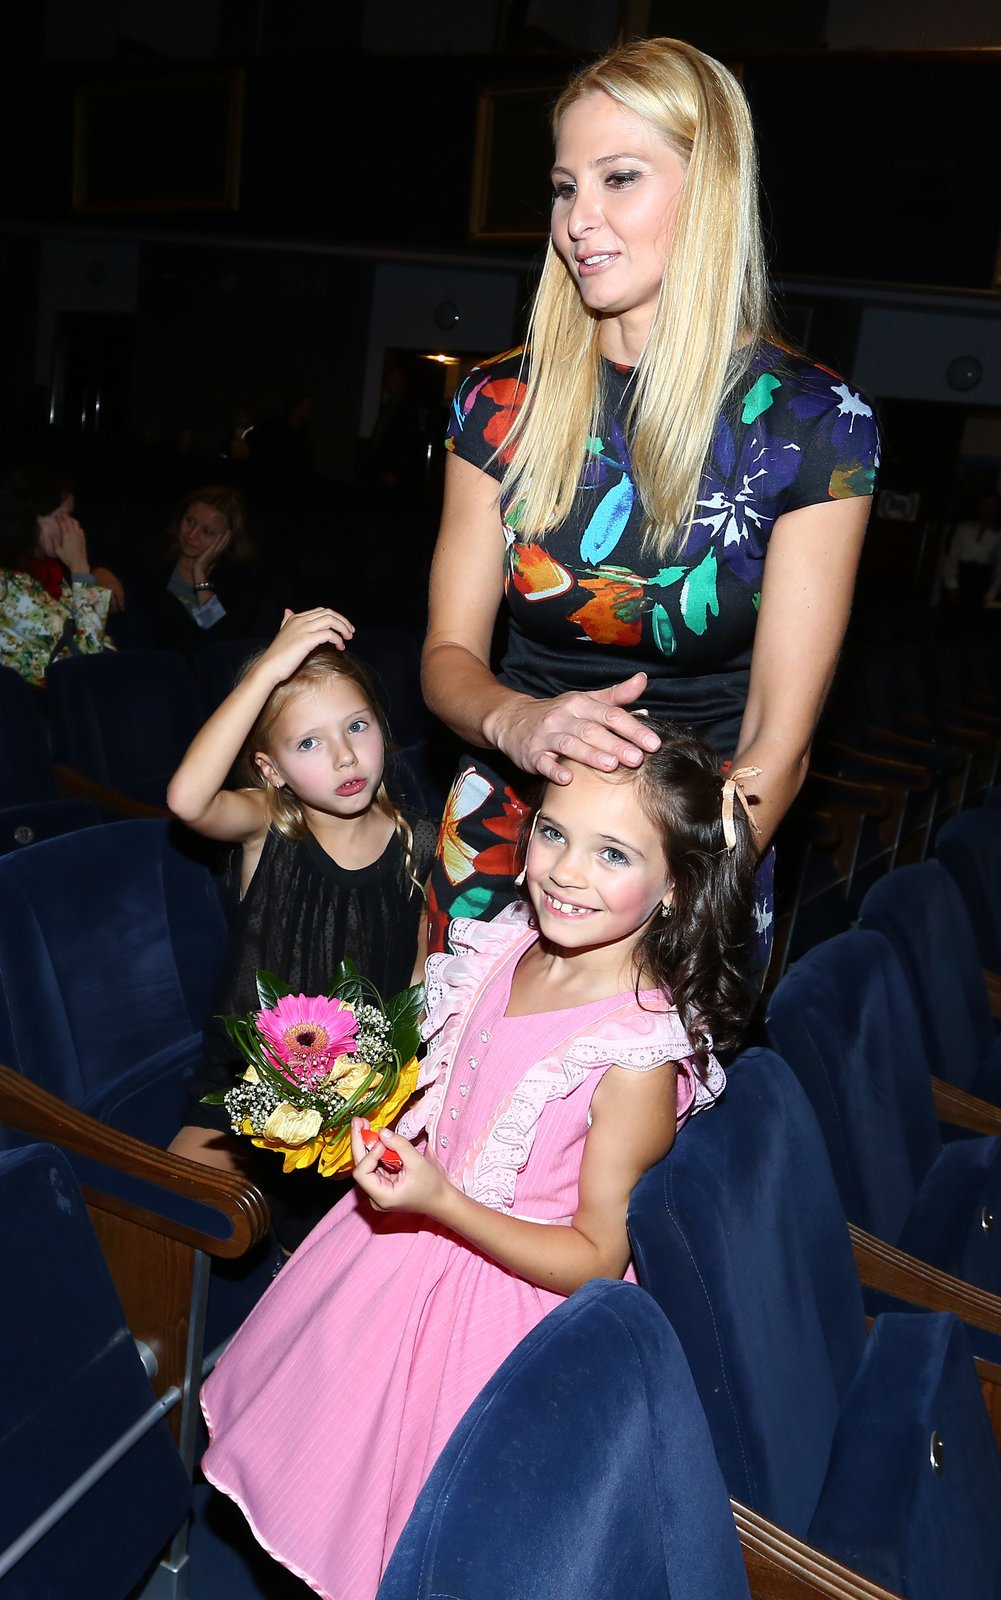 Dojatá matka Ivana Gottová prozradila, že i všechny zkoušky své dcery obrečela